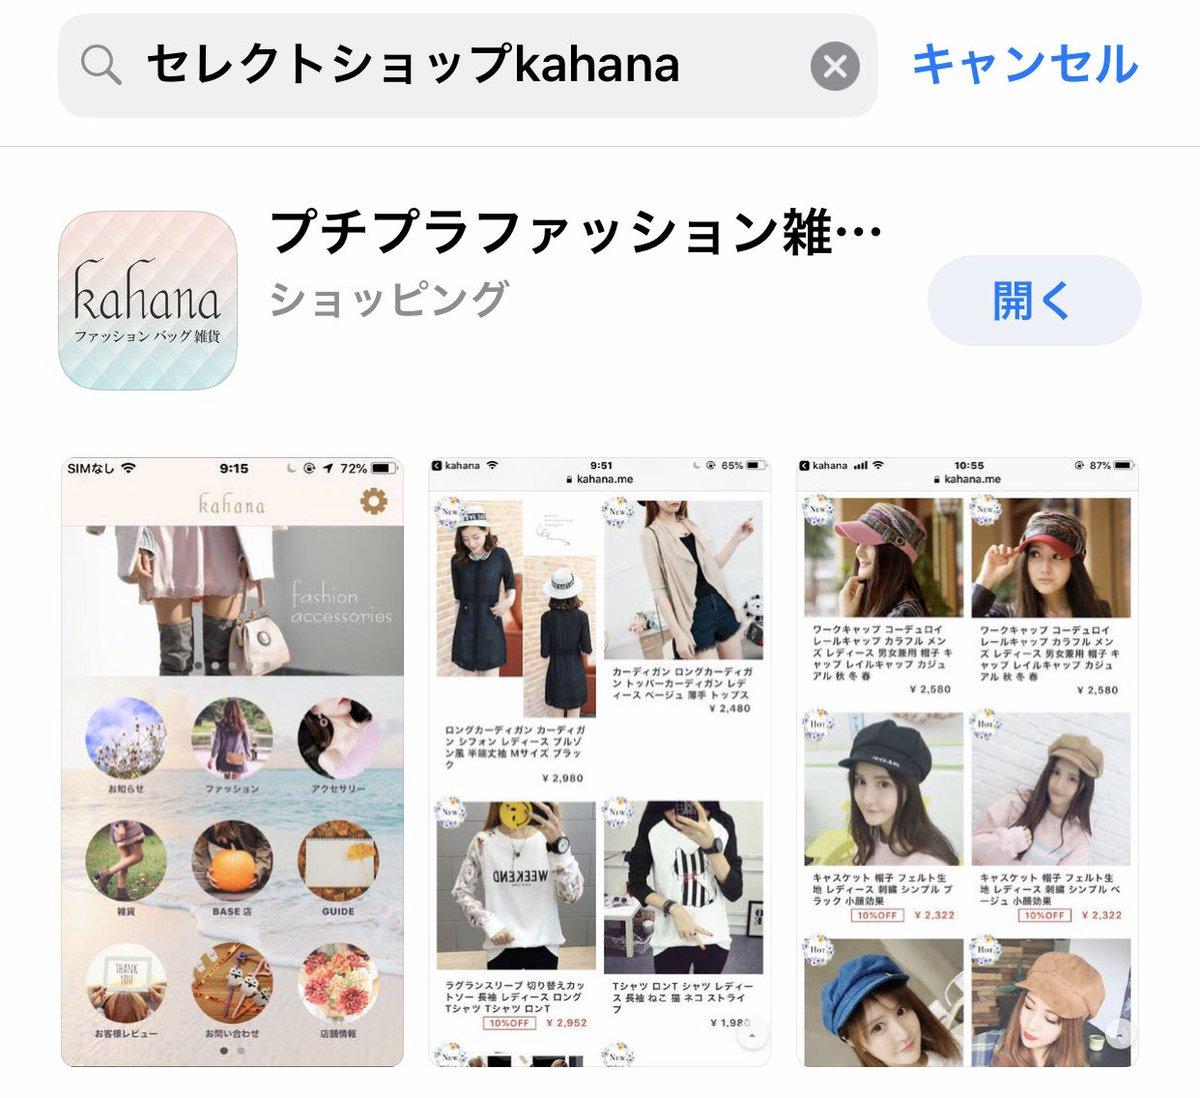 kahanaショップ、公式アプリを宜しくお願い致します🤗🌺■App Store■Google Playkahanaショップ2店舗↓🌺 ■BASE店■Yahoo!店■インスタグラム